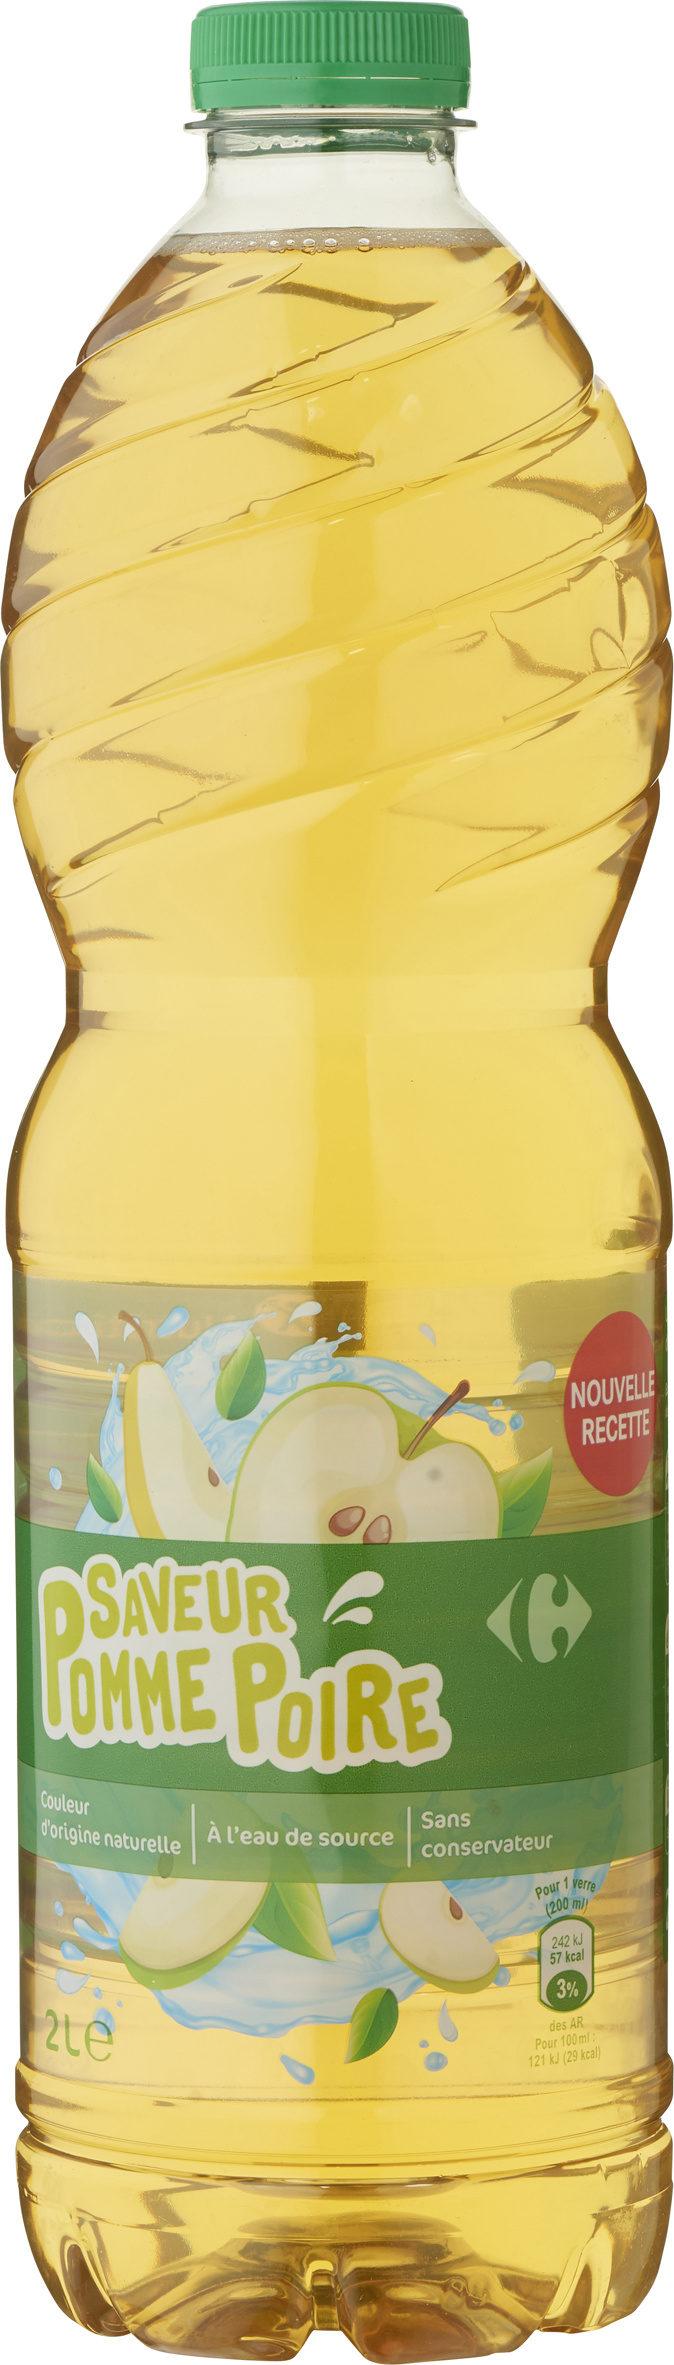 Saveur  pomme poire - Produit